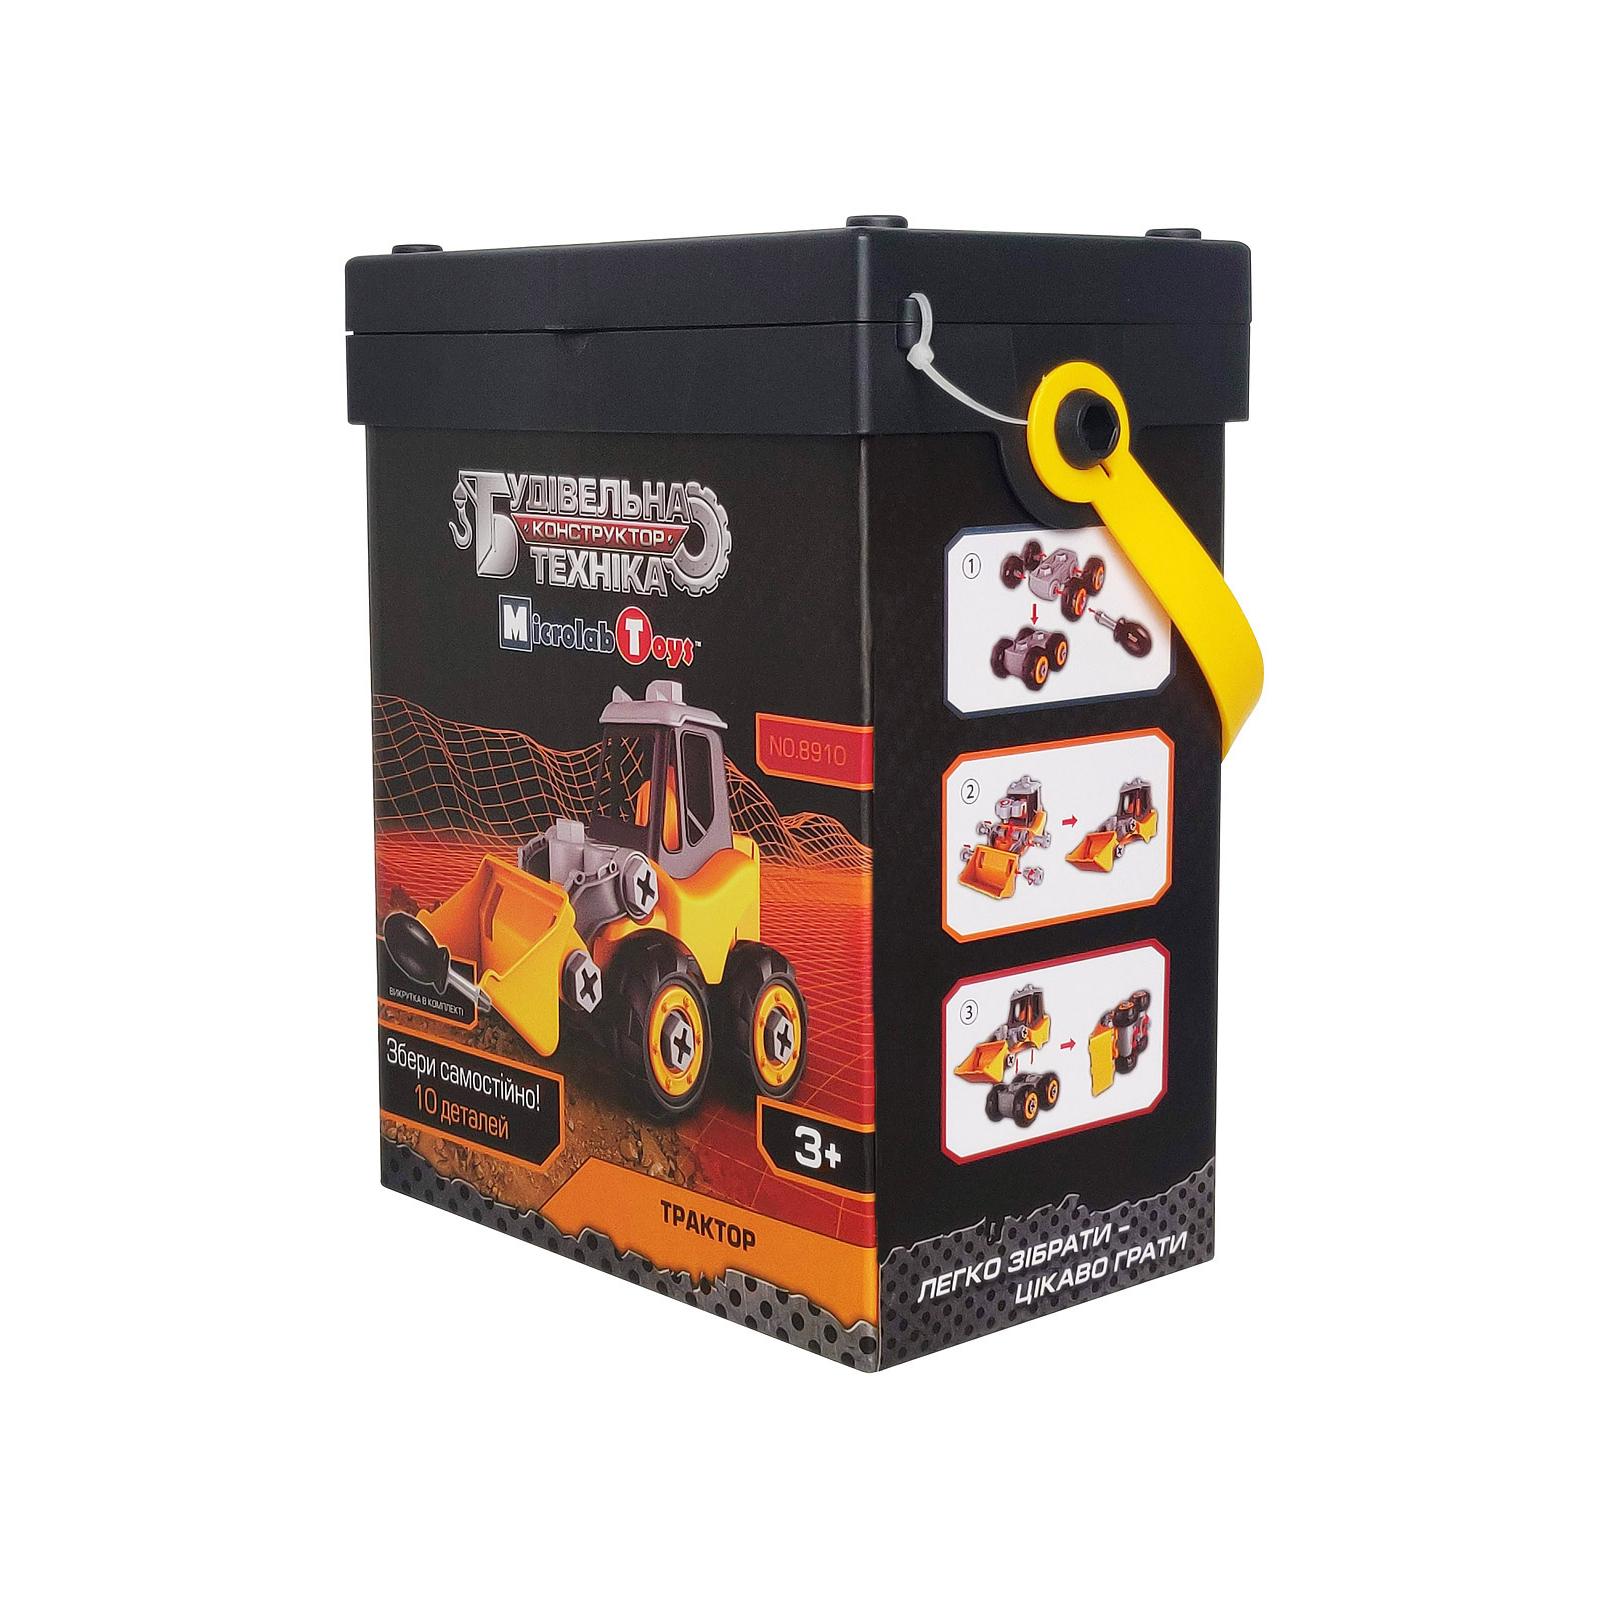 Конструктор Microlab Toys Строительная техника - трактор (MT8910) изображение 3